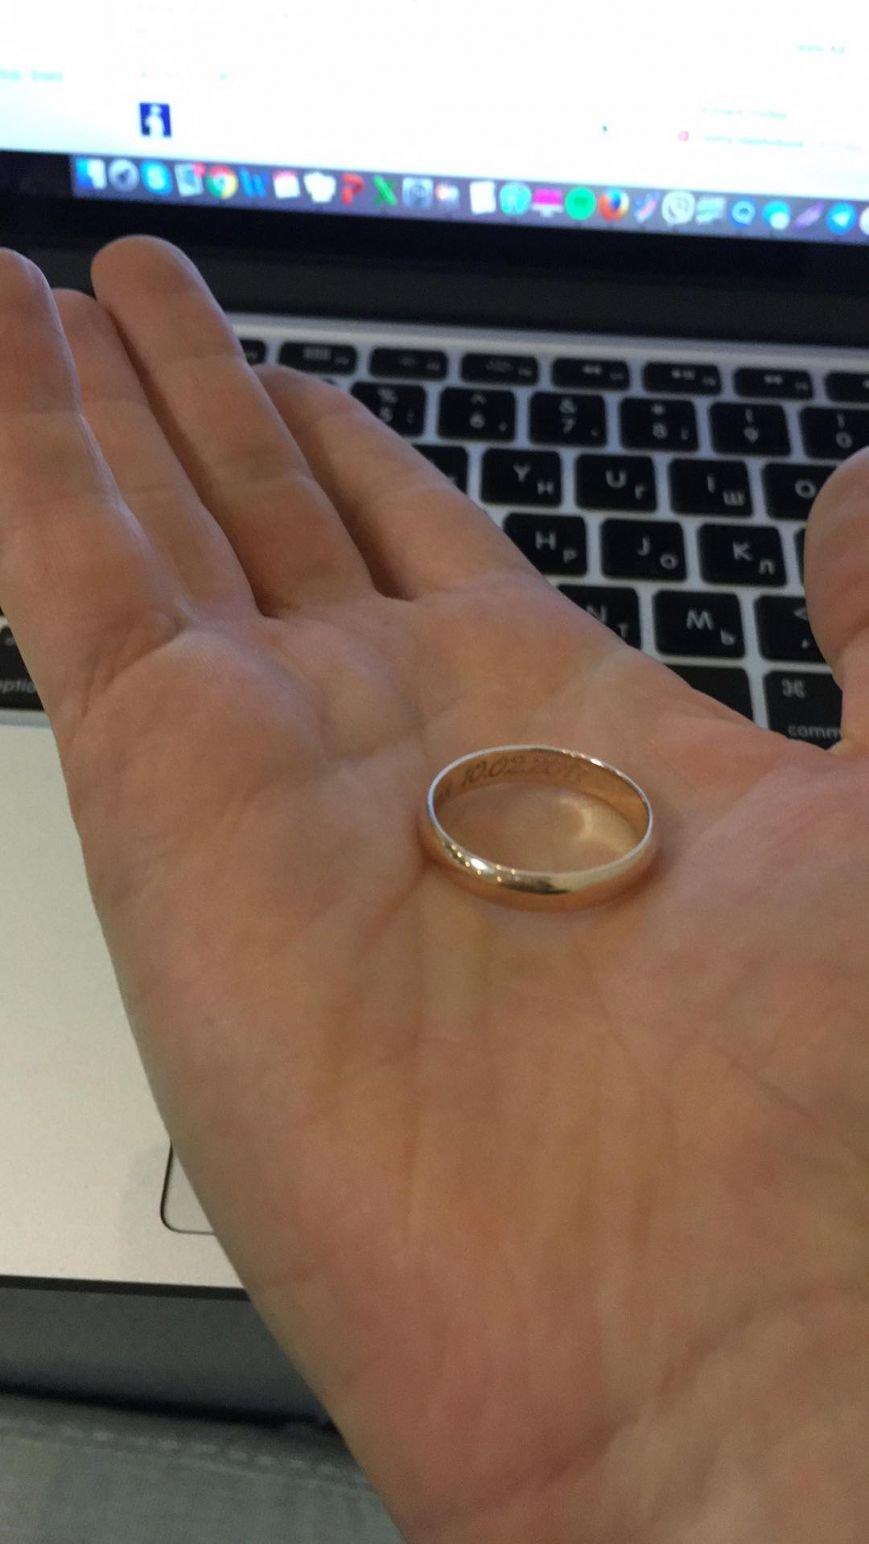 В Днепре мужчину мучает совесть - потерял обручальное кольцо (ФОТО), фото-1